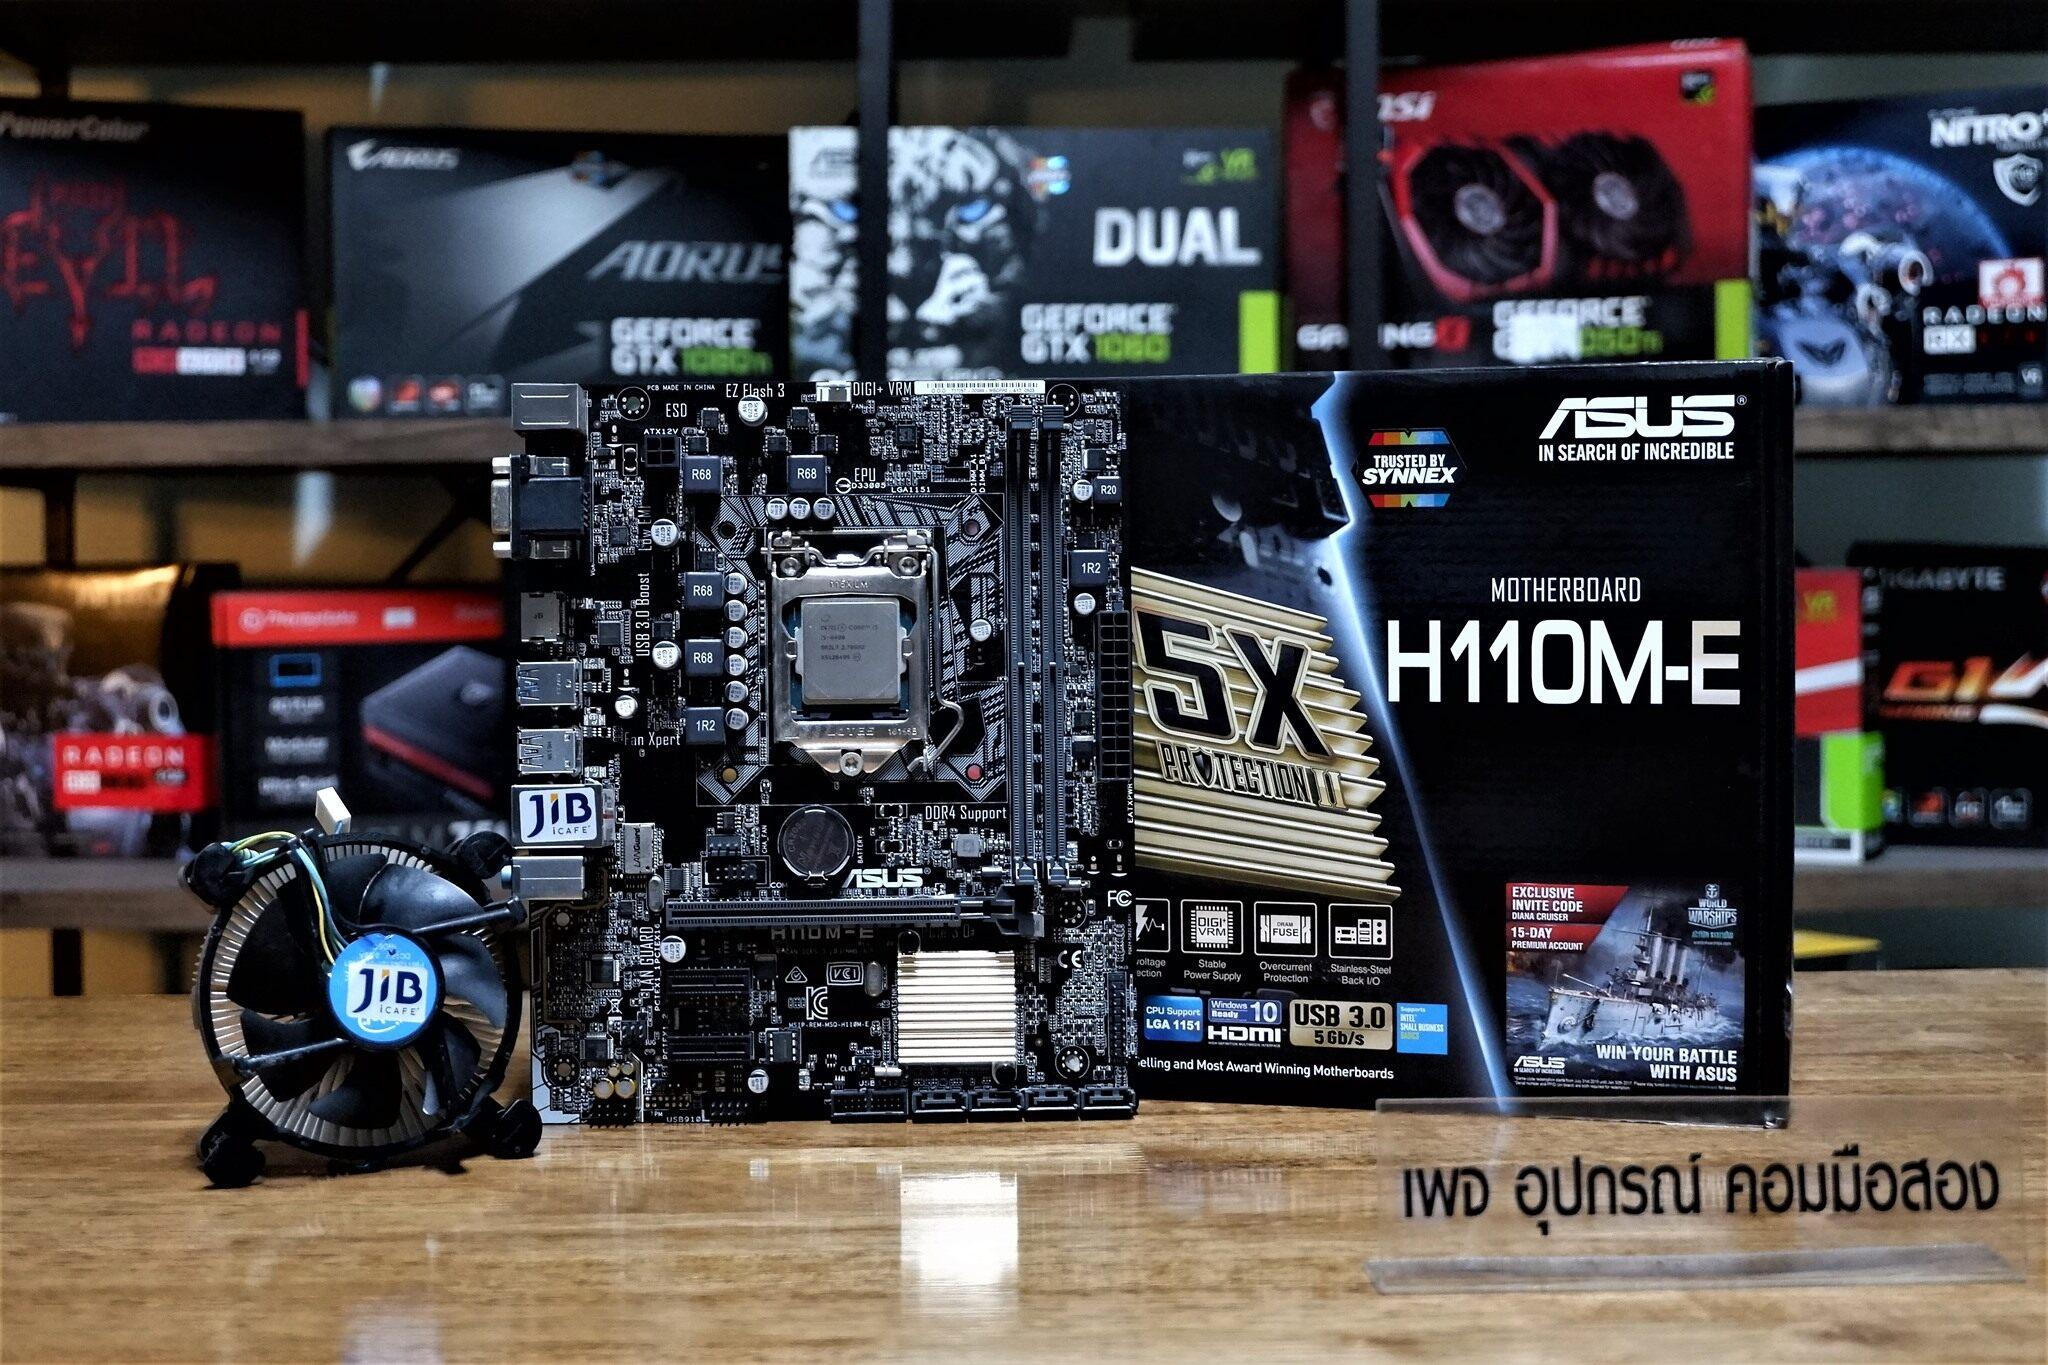 ชุดเซต ชุดเซต I5-6400 Turbo 3.3 Ghz พร้อม เมนบอร์ด.